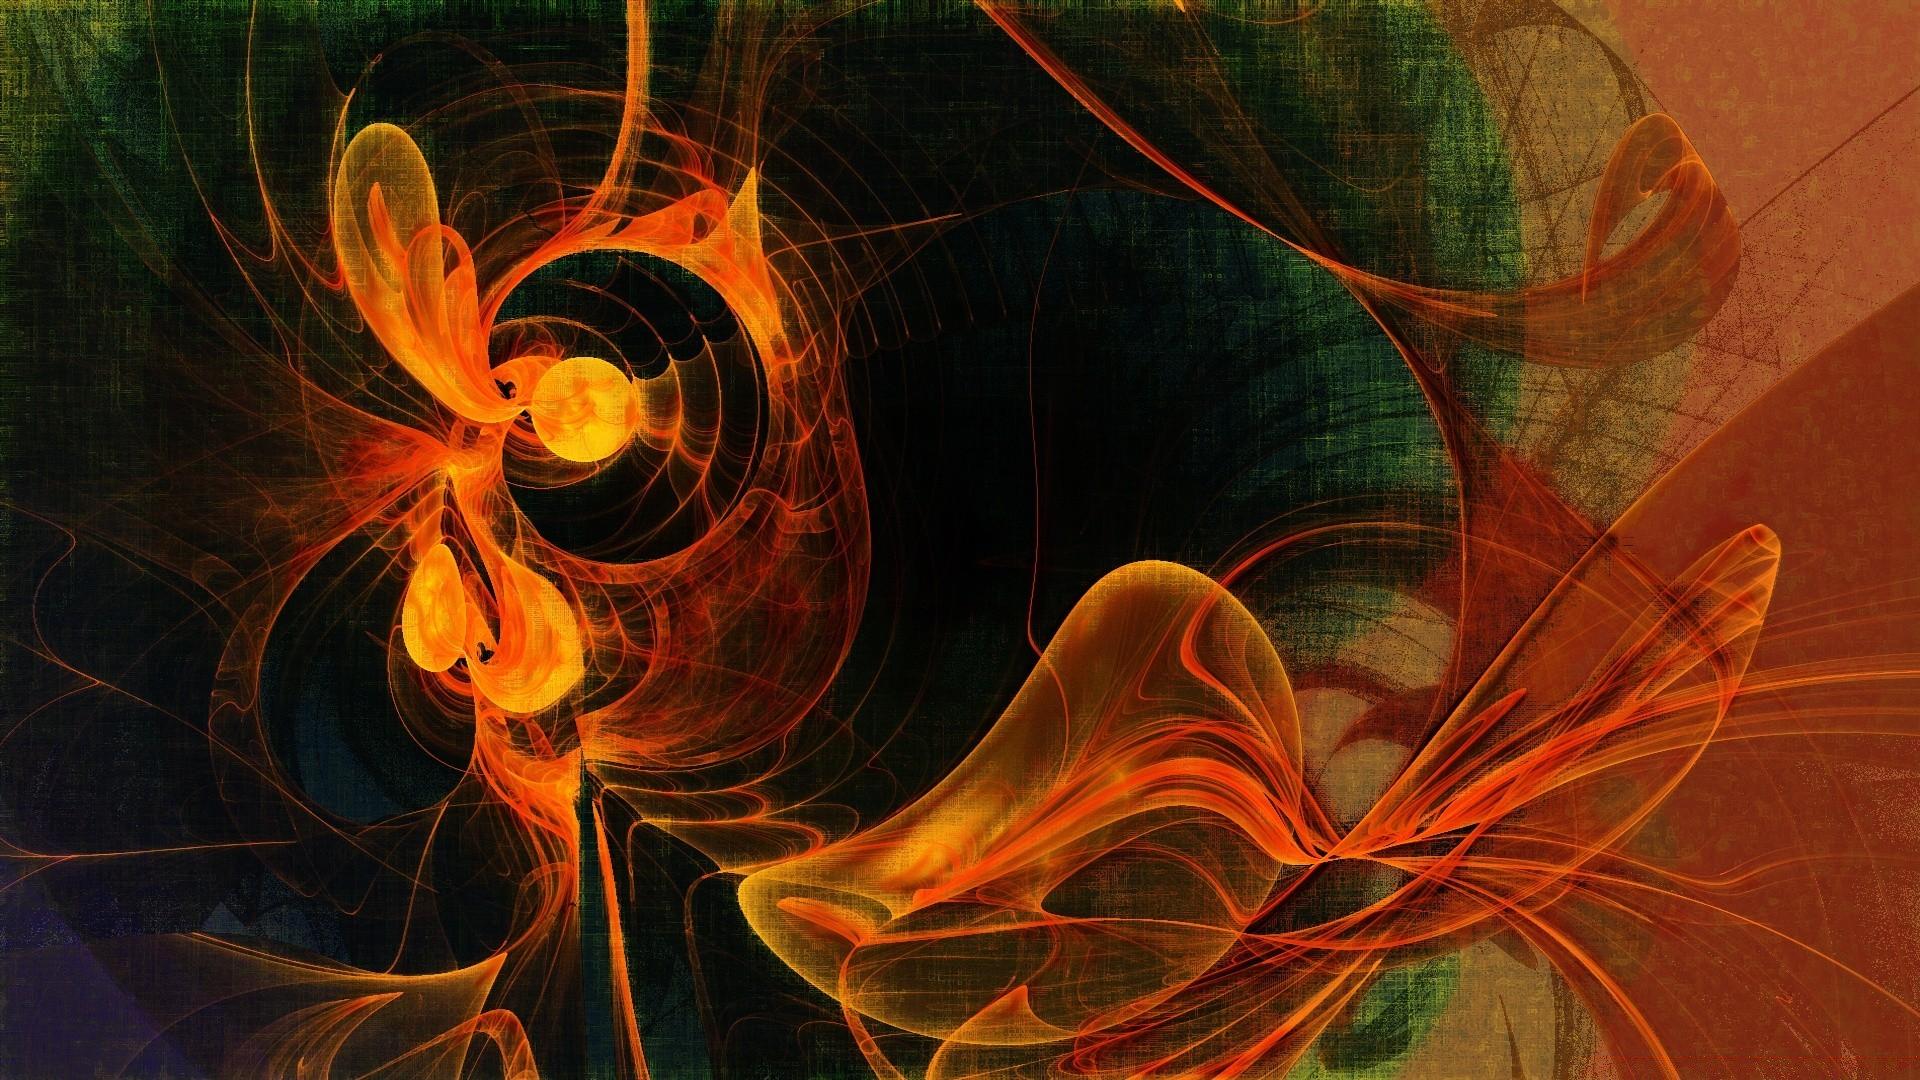 Оранжевая Абстракция без регистрации